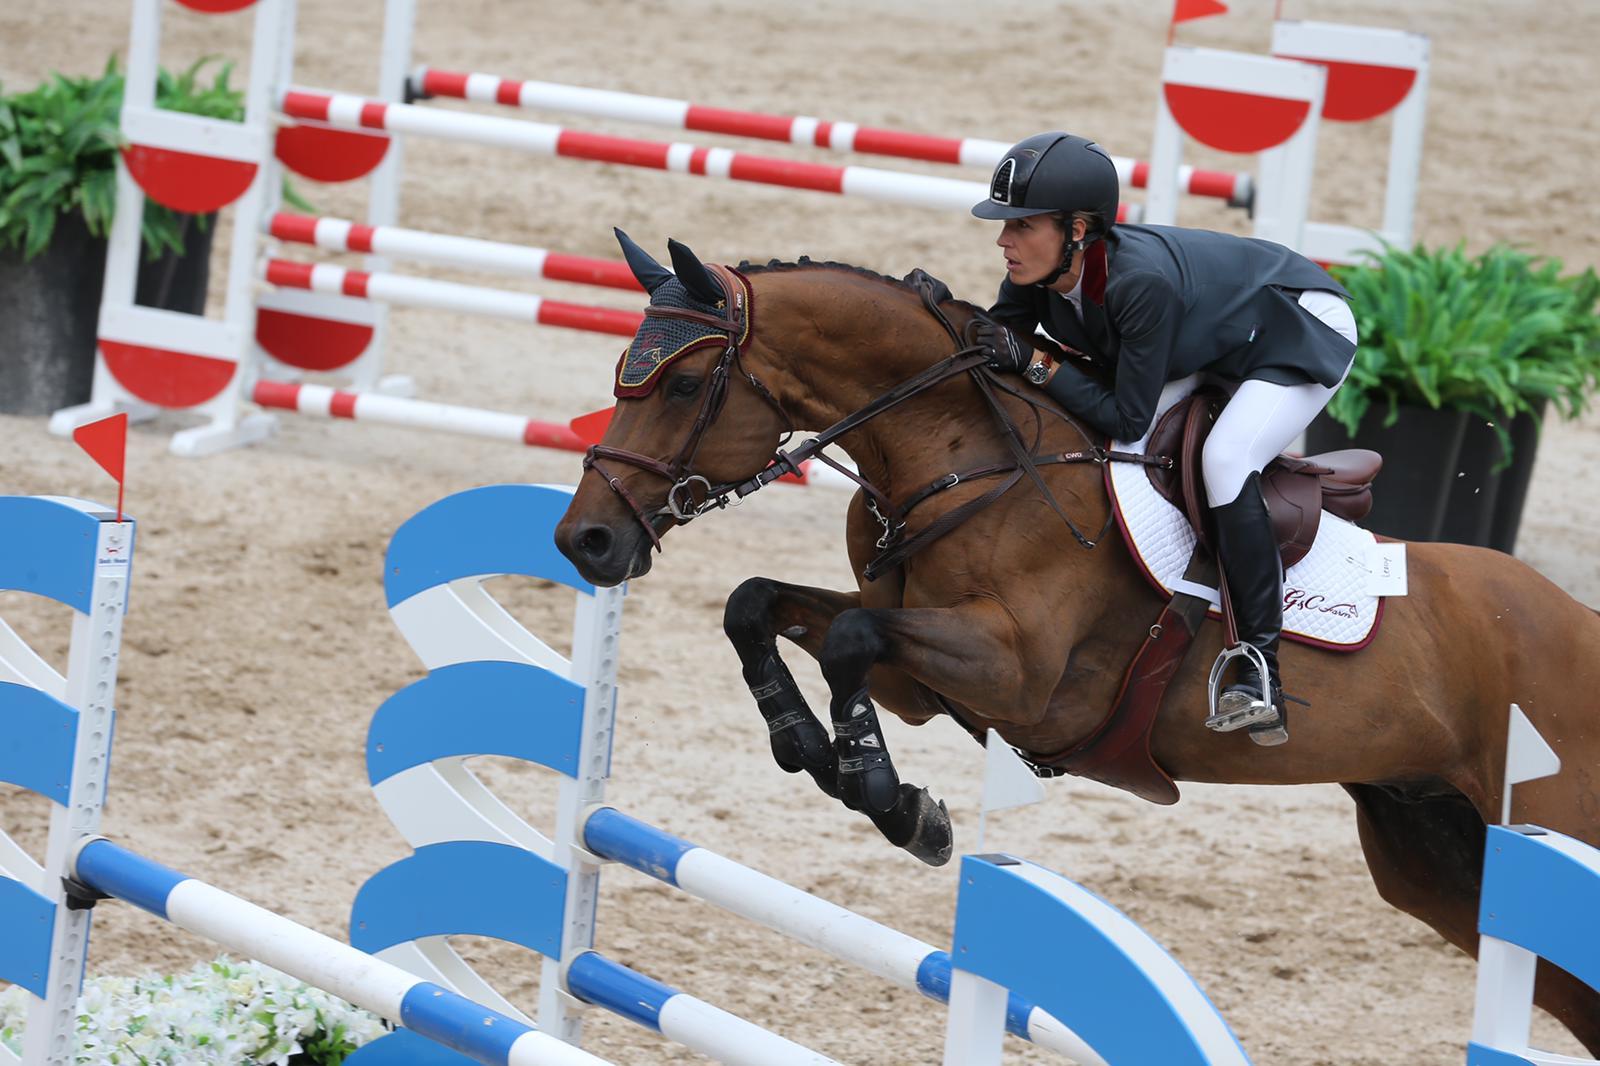 María Carolina Chapellín en una competencia de Salto de Obstáculos